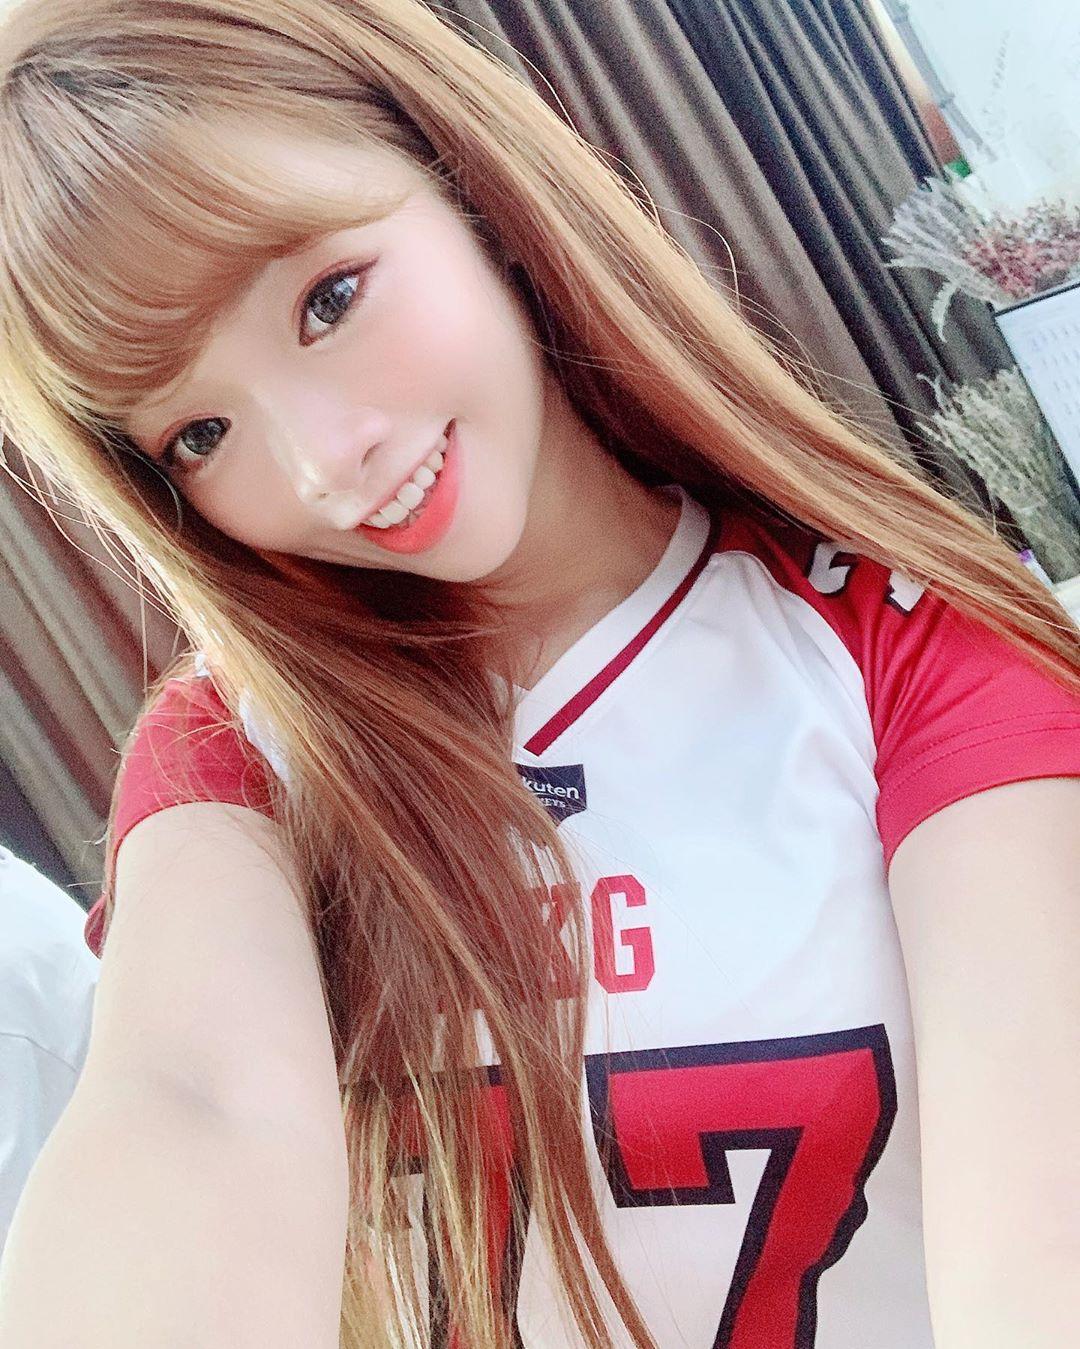 曲羿Chuyi  清純甜美讓人不心動也難 - 美女圖 -